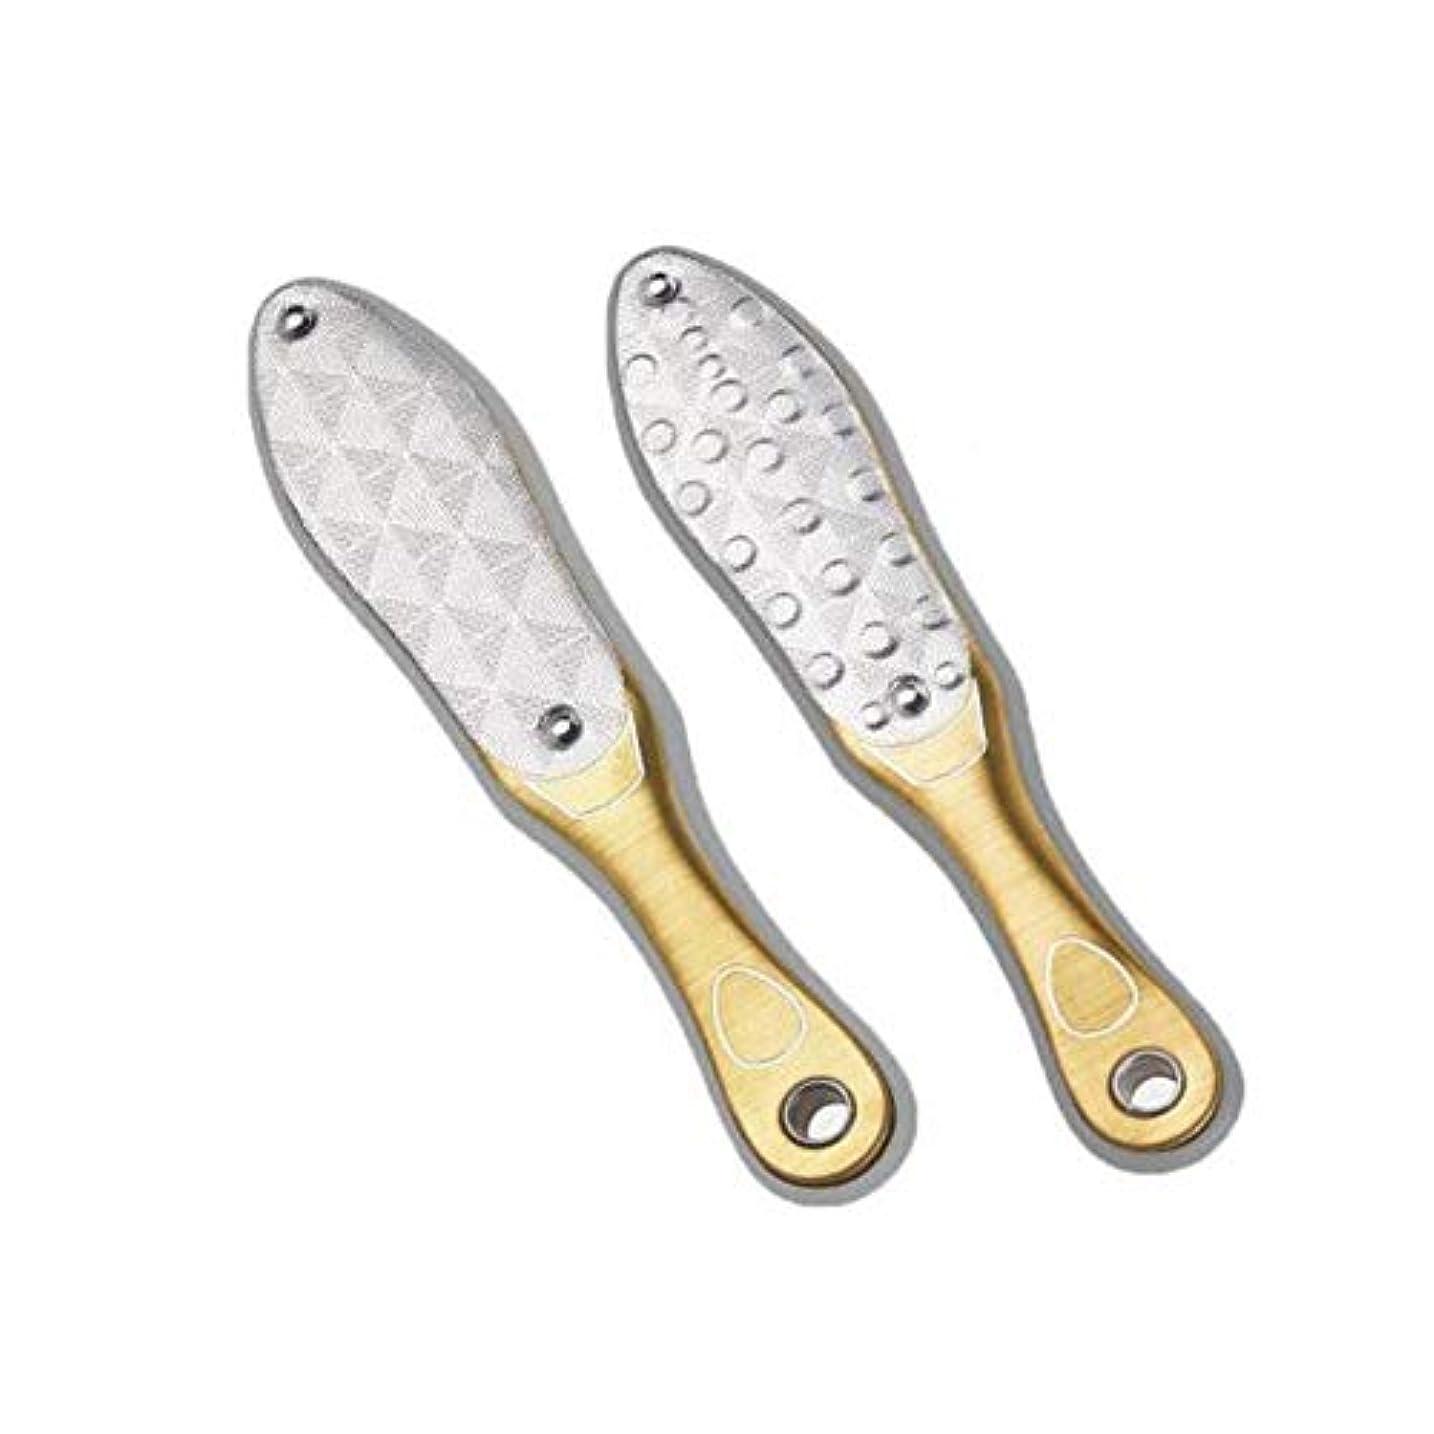 間エンゲージメント感心するGaoxingbianlidian 足研削、フットマイクロダーマプロフェッショナルステンレス鋼は、エクスフォリエイティングマイクロダーマブレーションホームフットペディキュアペディキュア、シャンパンをダブル両面 ,思いやりのあるデザイン (Color : Gold, Size : 20*4.5cm)